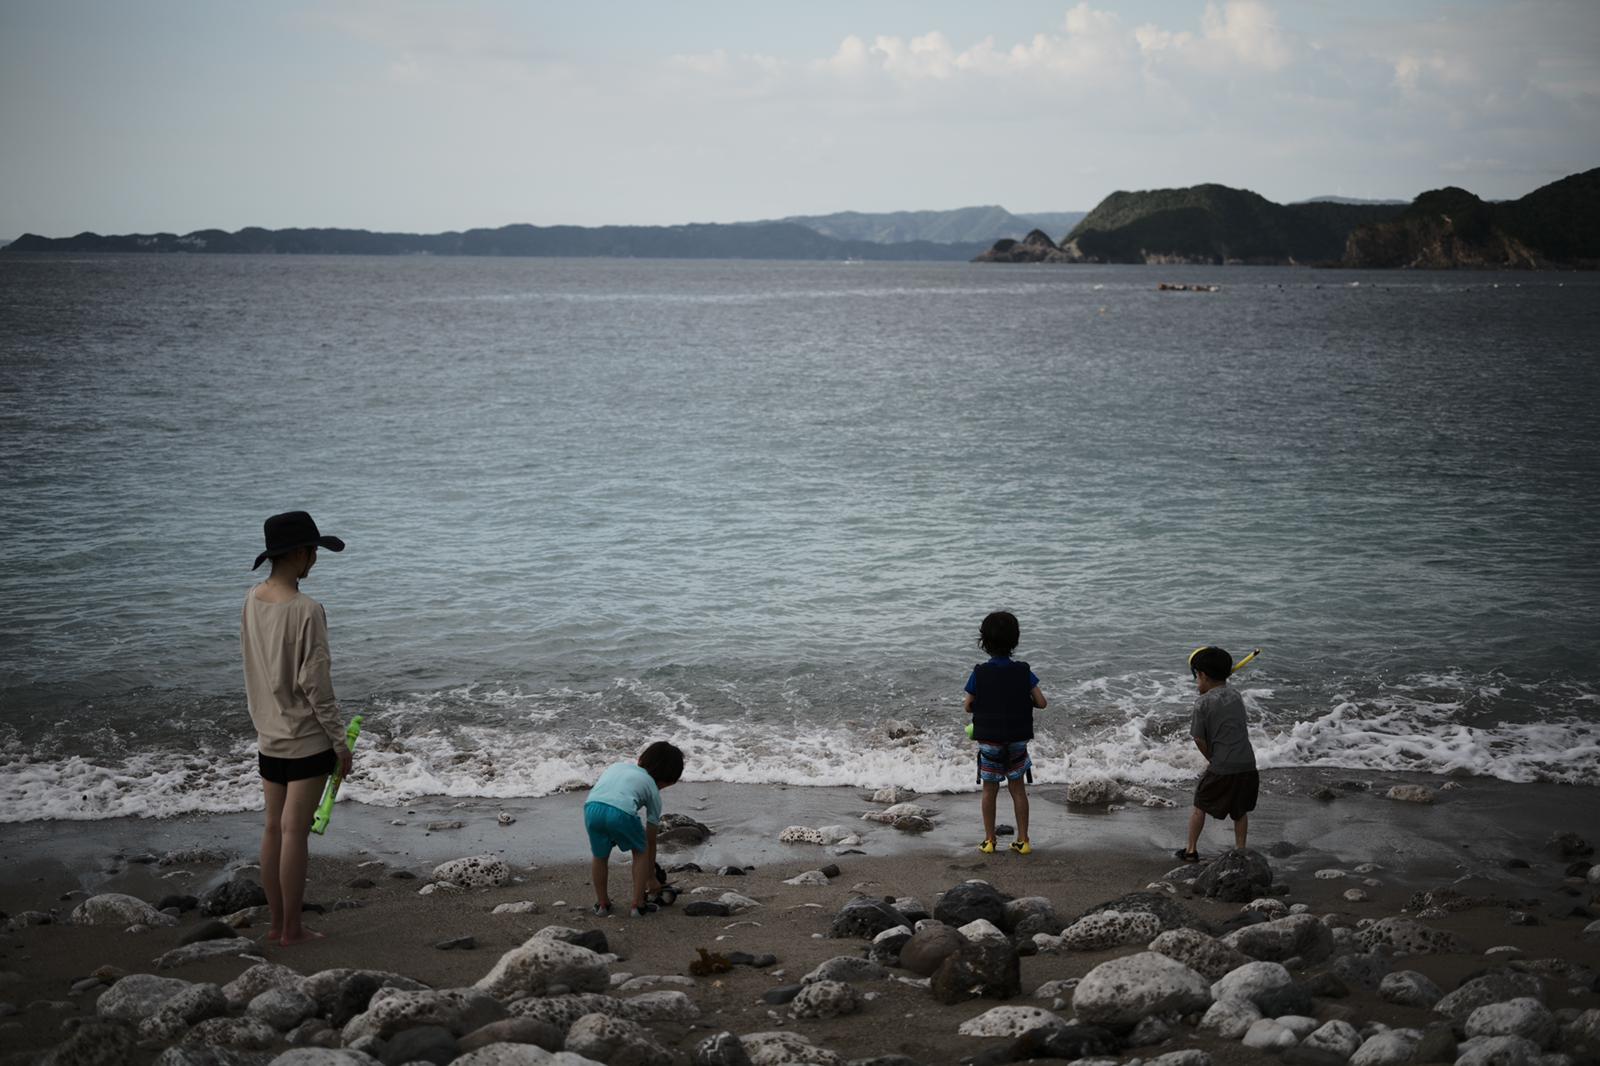 海で遊ぶ子どもたち。大人も潮風に吹かれて心地いい